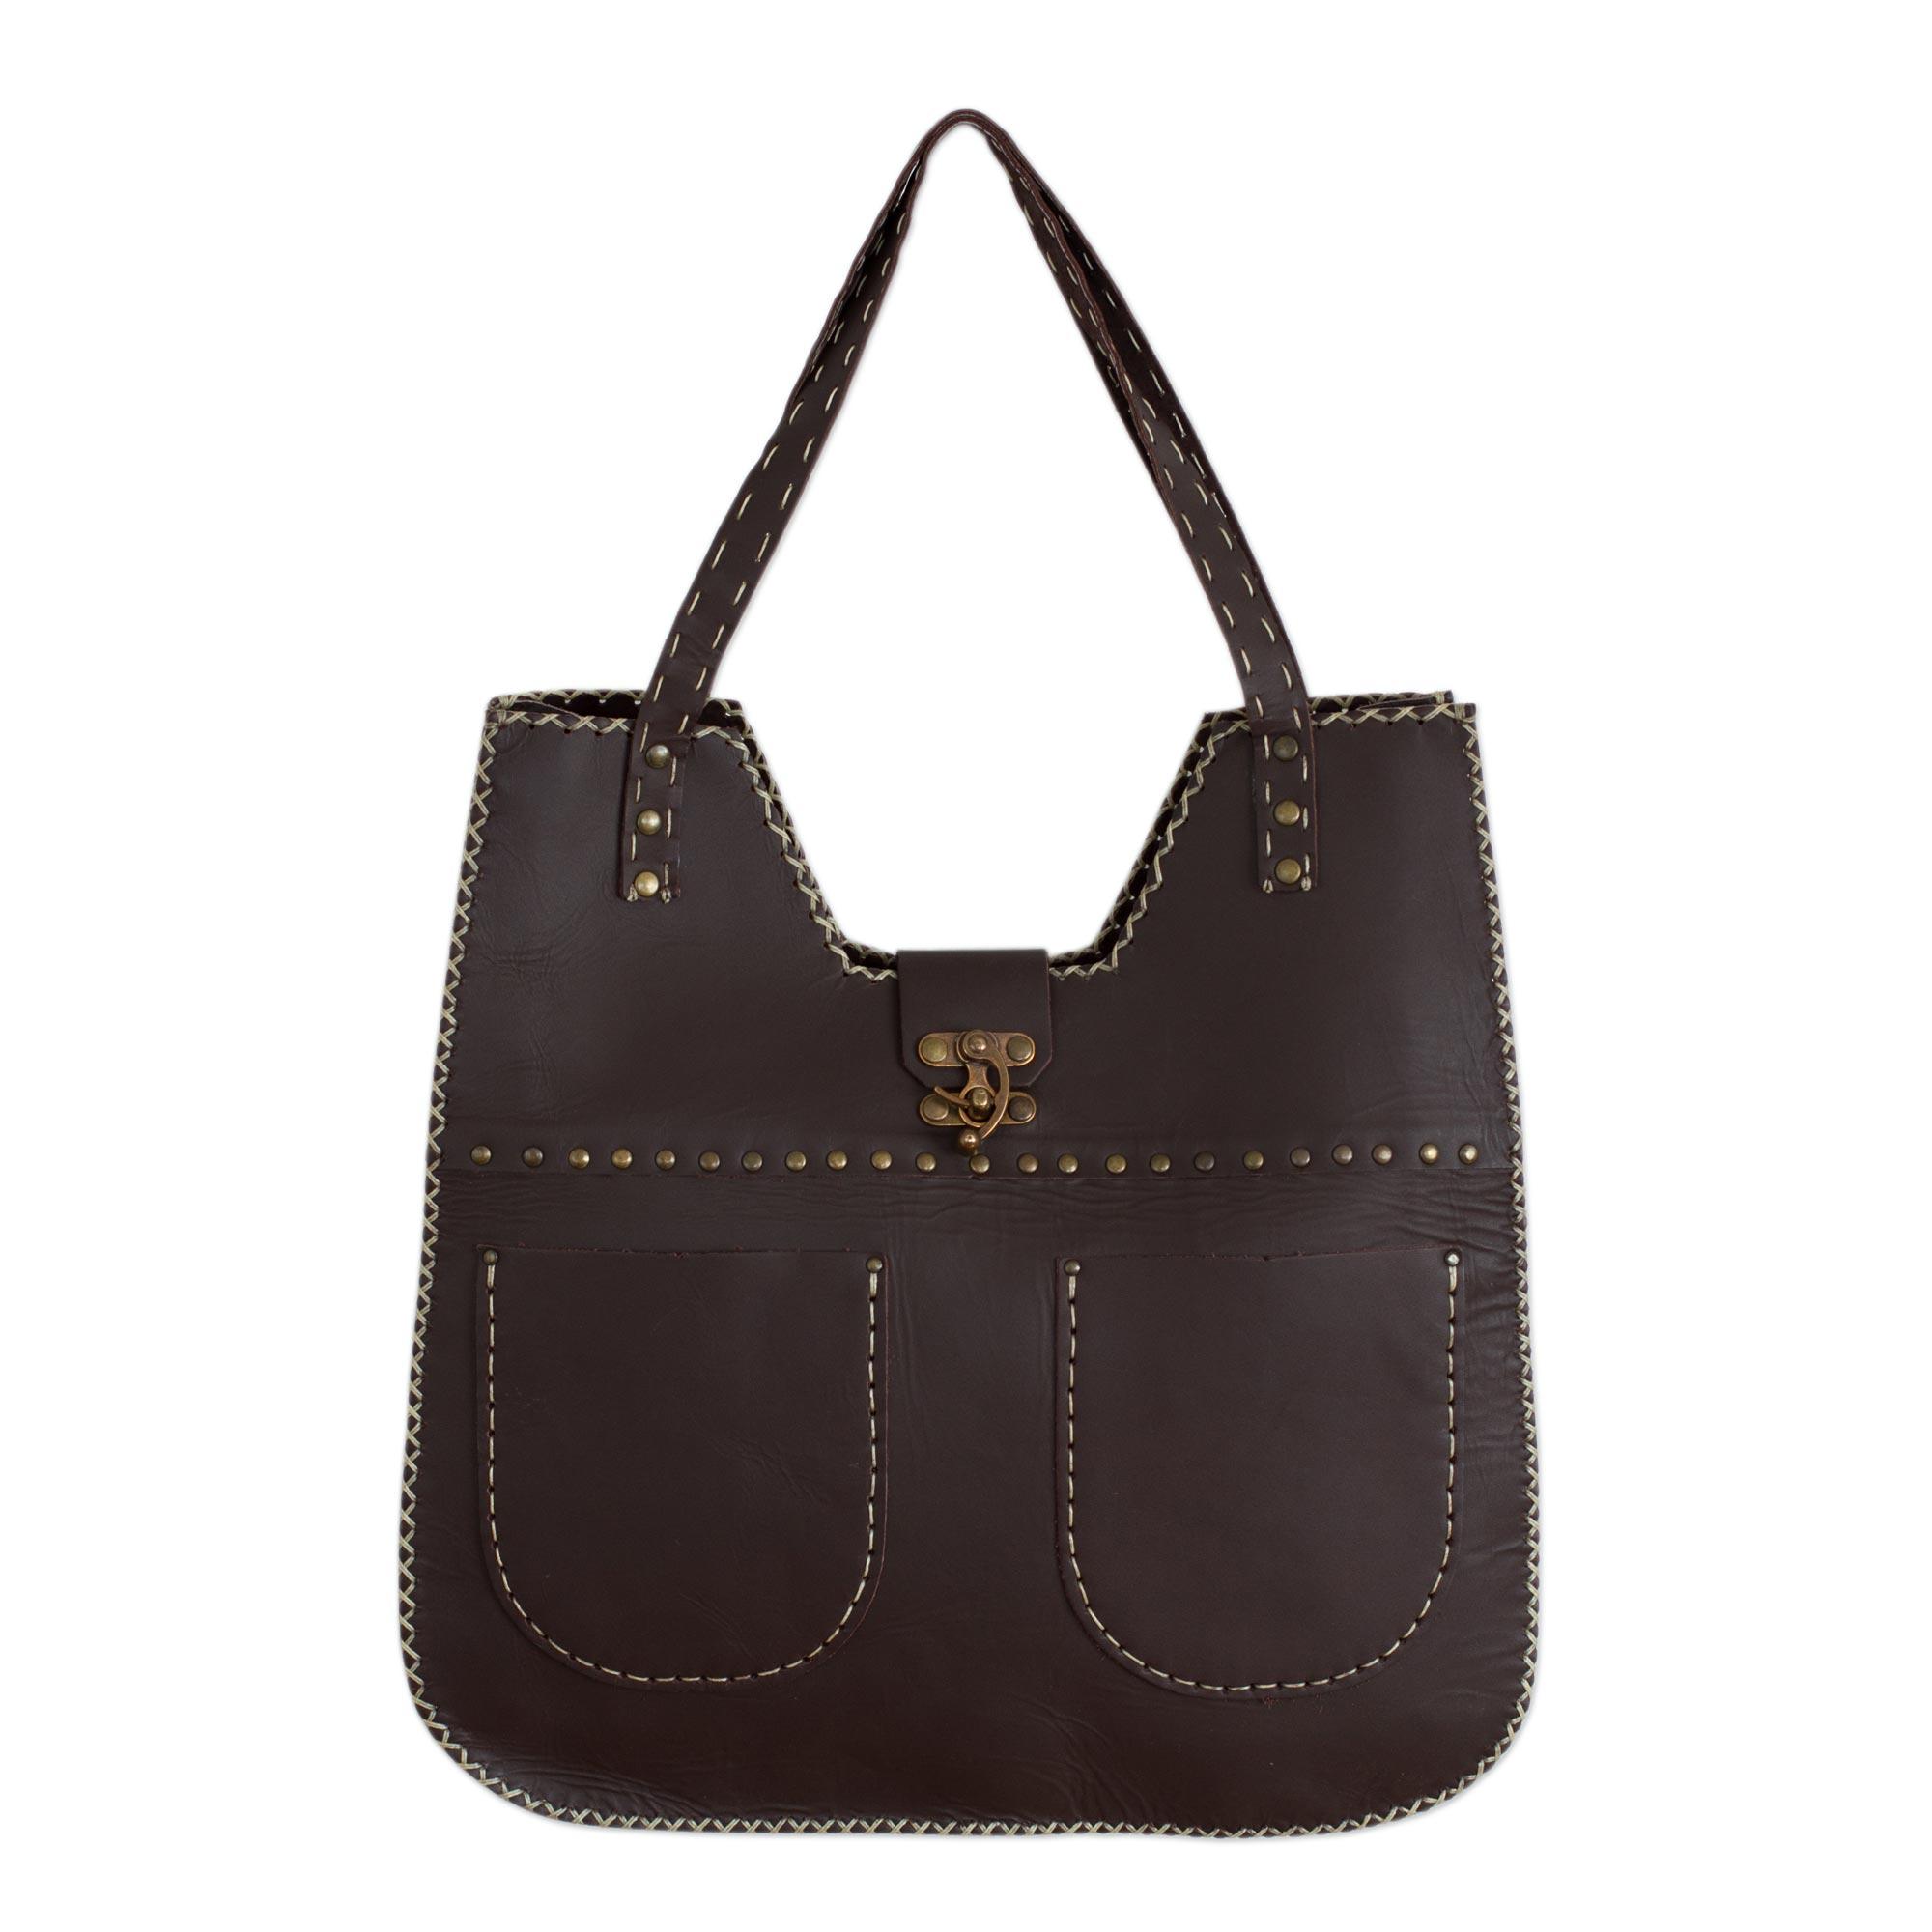 Novica Leather shoulder bag, Espresso Delight